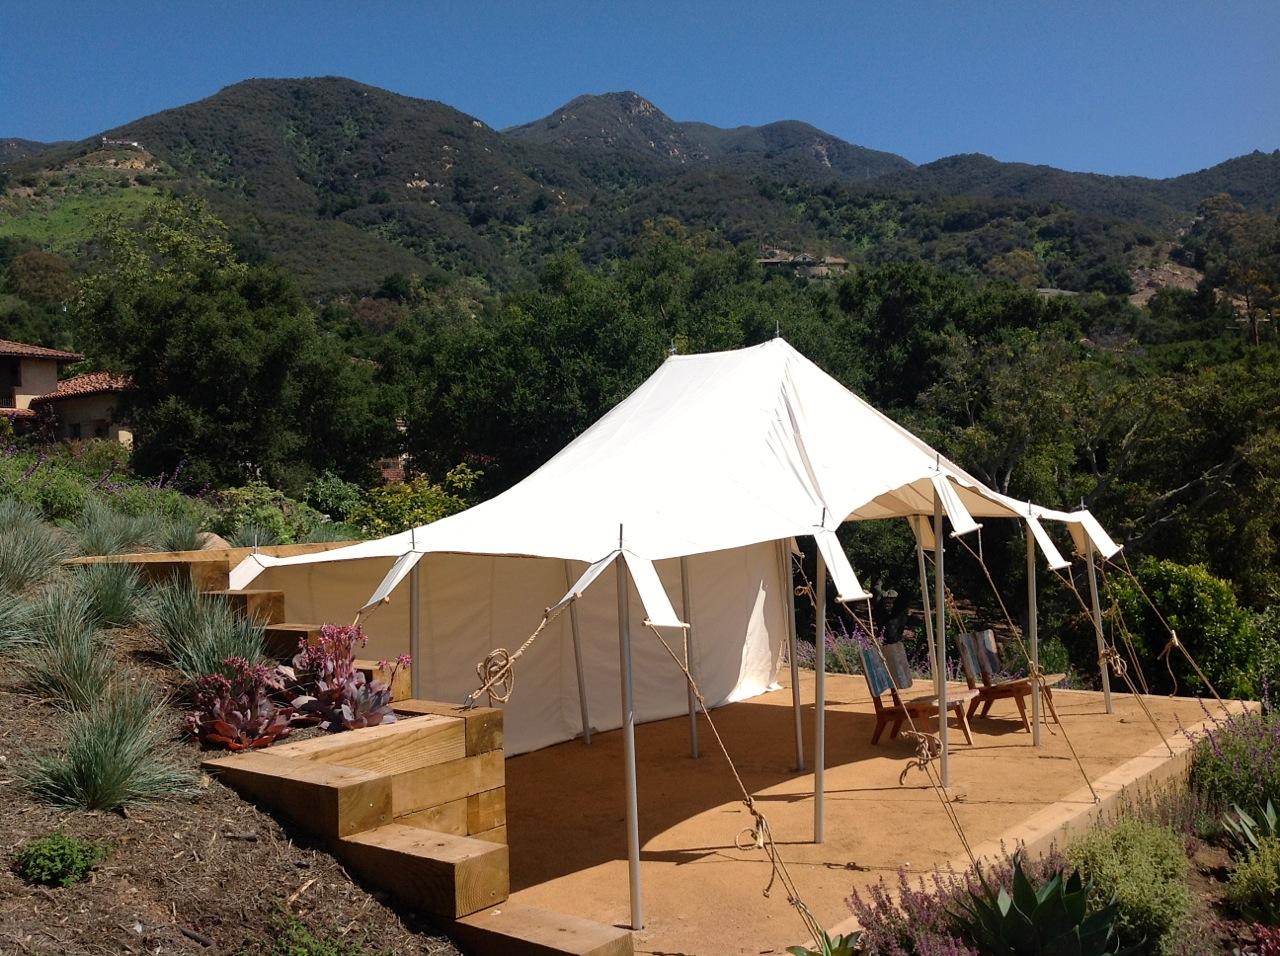 Bedouin tent, Santa Barbara, California